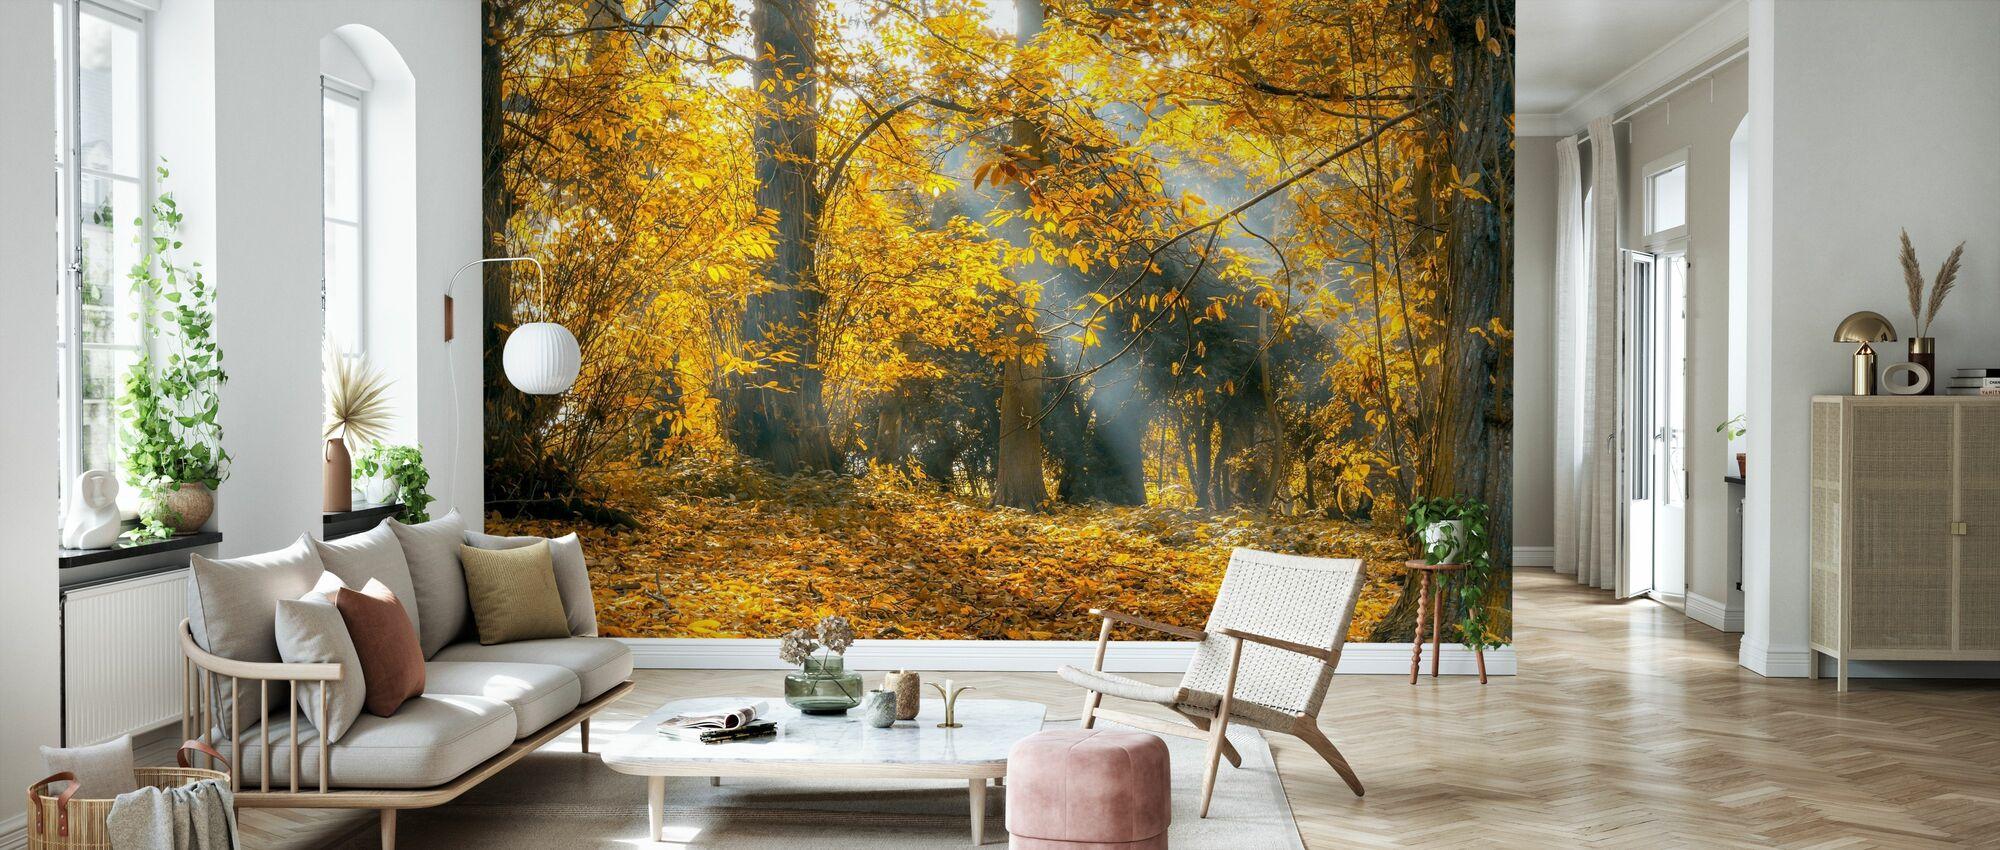 Keltainen Syksyn lehdet - Tapetti - Olohuone